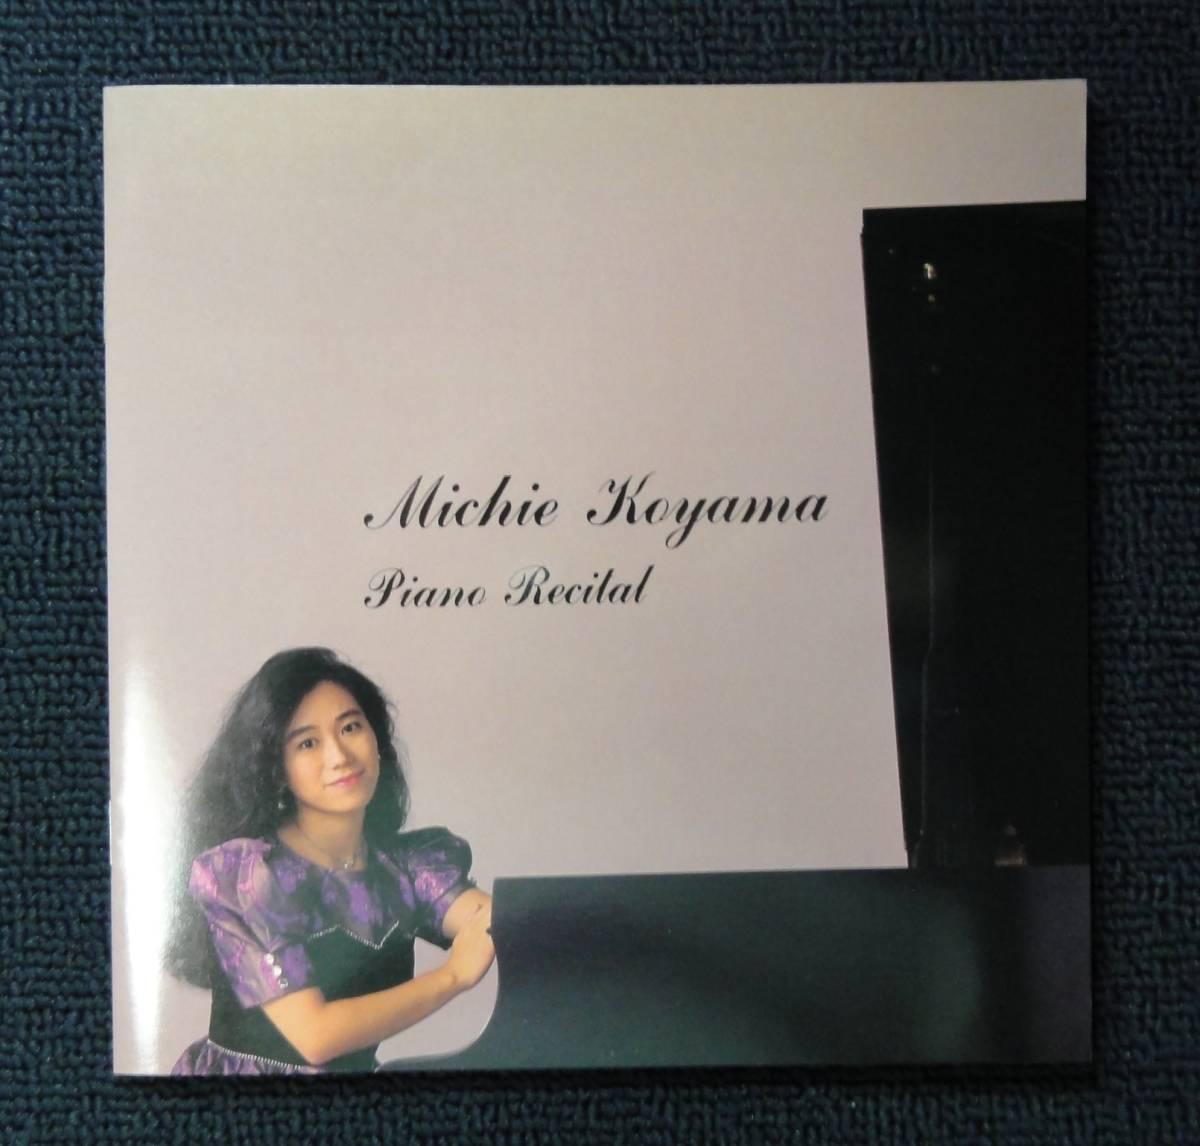 小山実稚恵【1987年】ピアノリサイタル公演プログラム